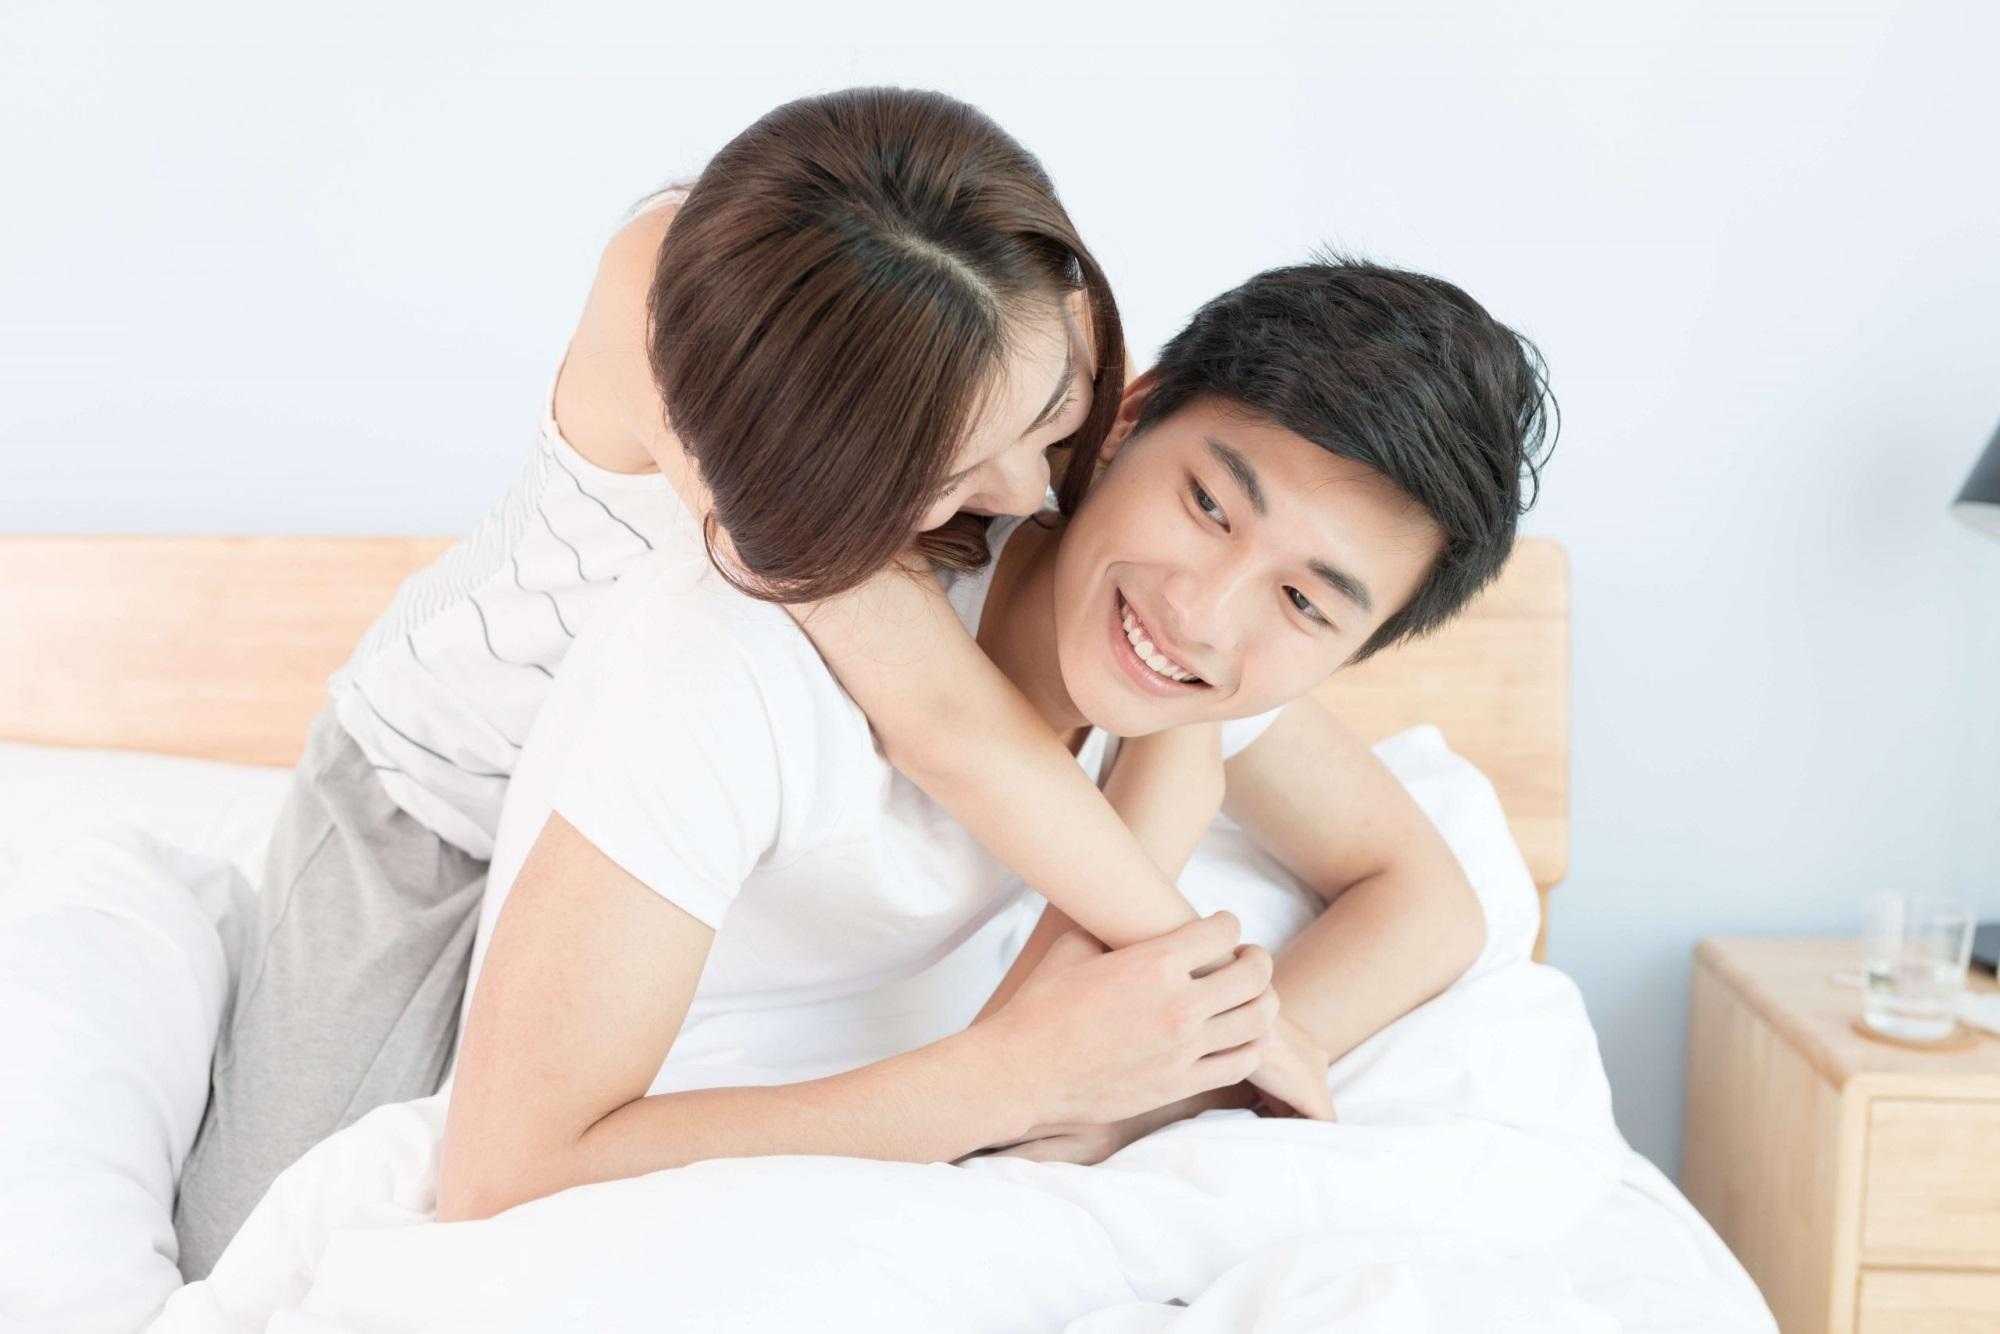 'Bắt mạch' tình cảm vợ chồng yêu sâu đậm hay 'nhạt như nước ốc' qua 3 câu hỏi sau - Ảnh 3